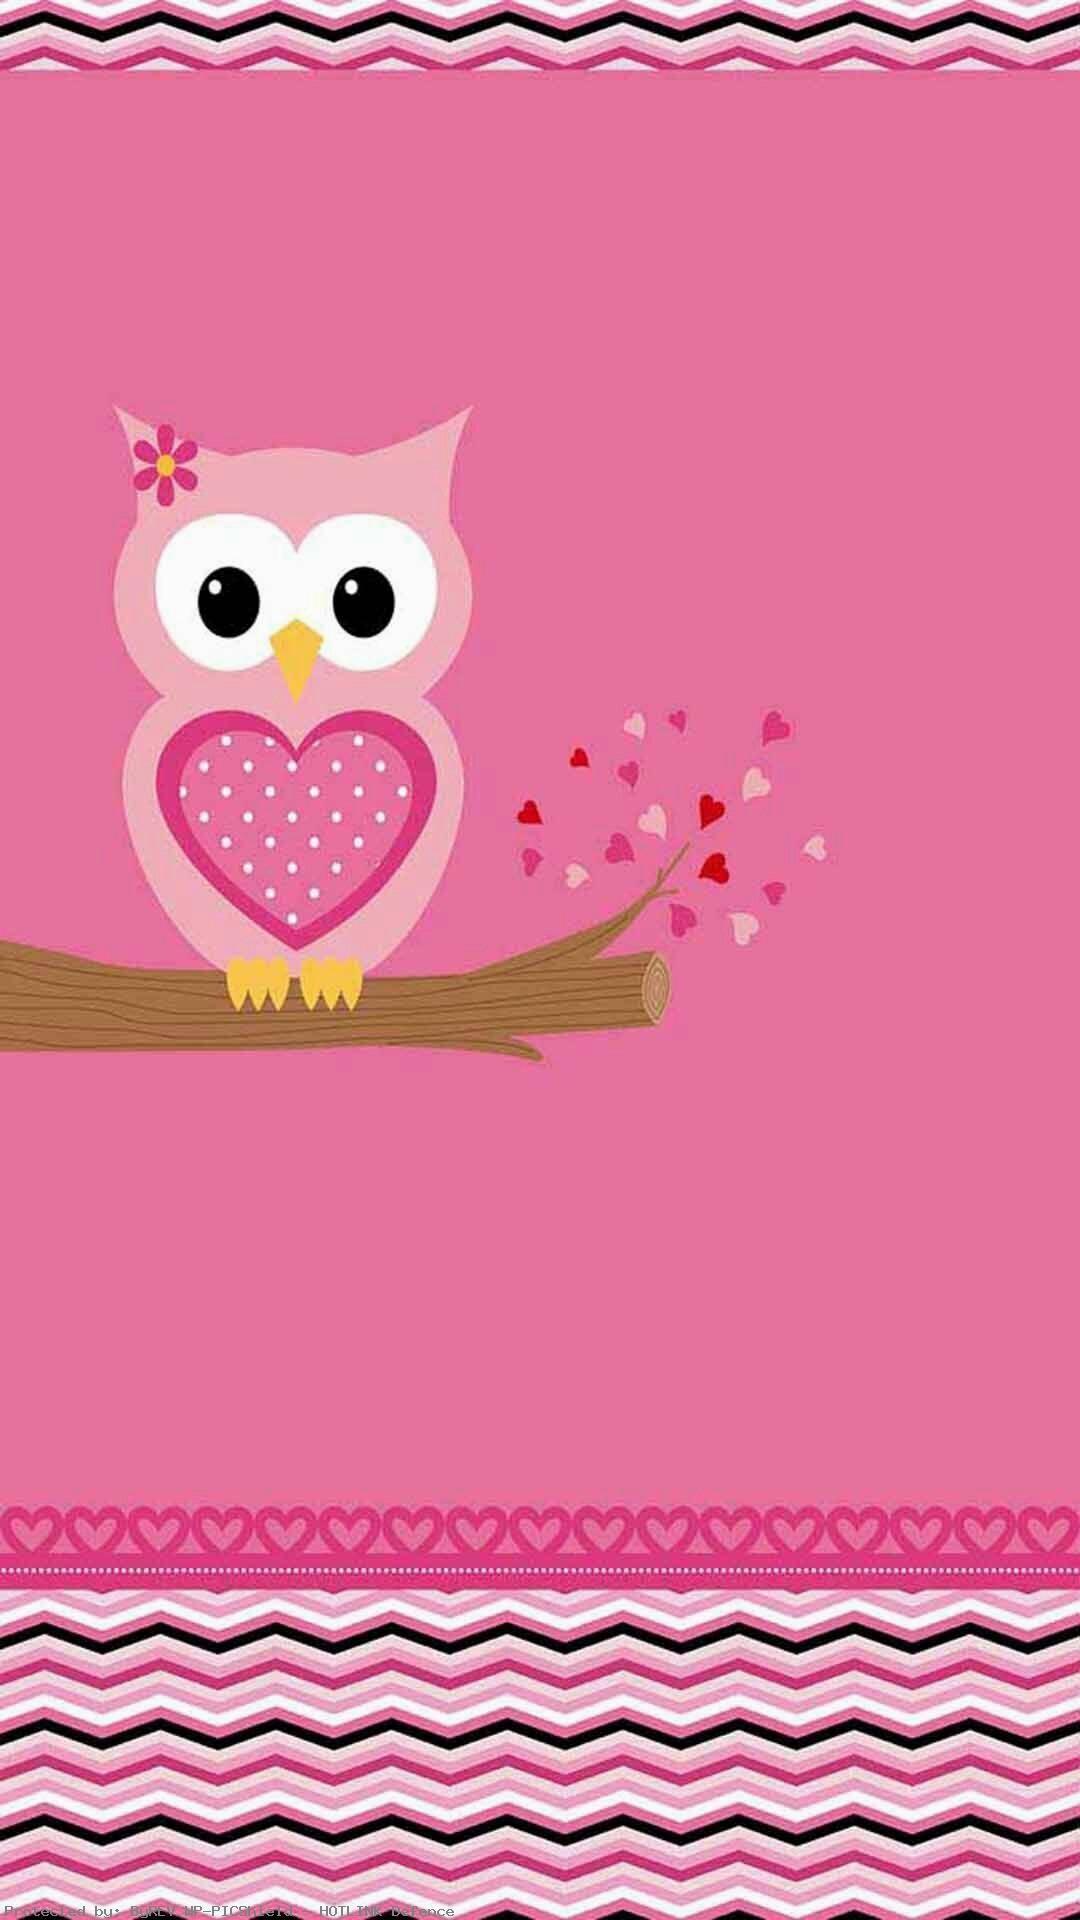 Cute-Phone-wallpaper-wp3804262